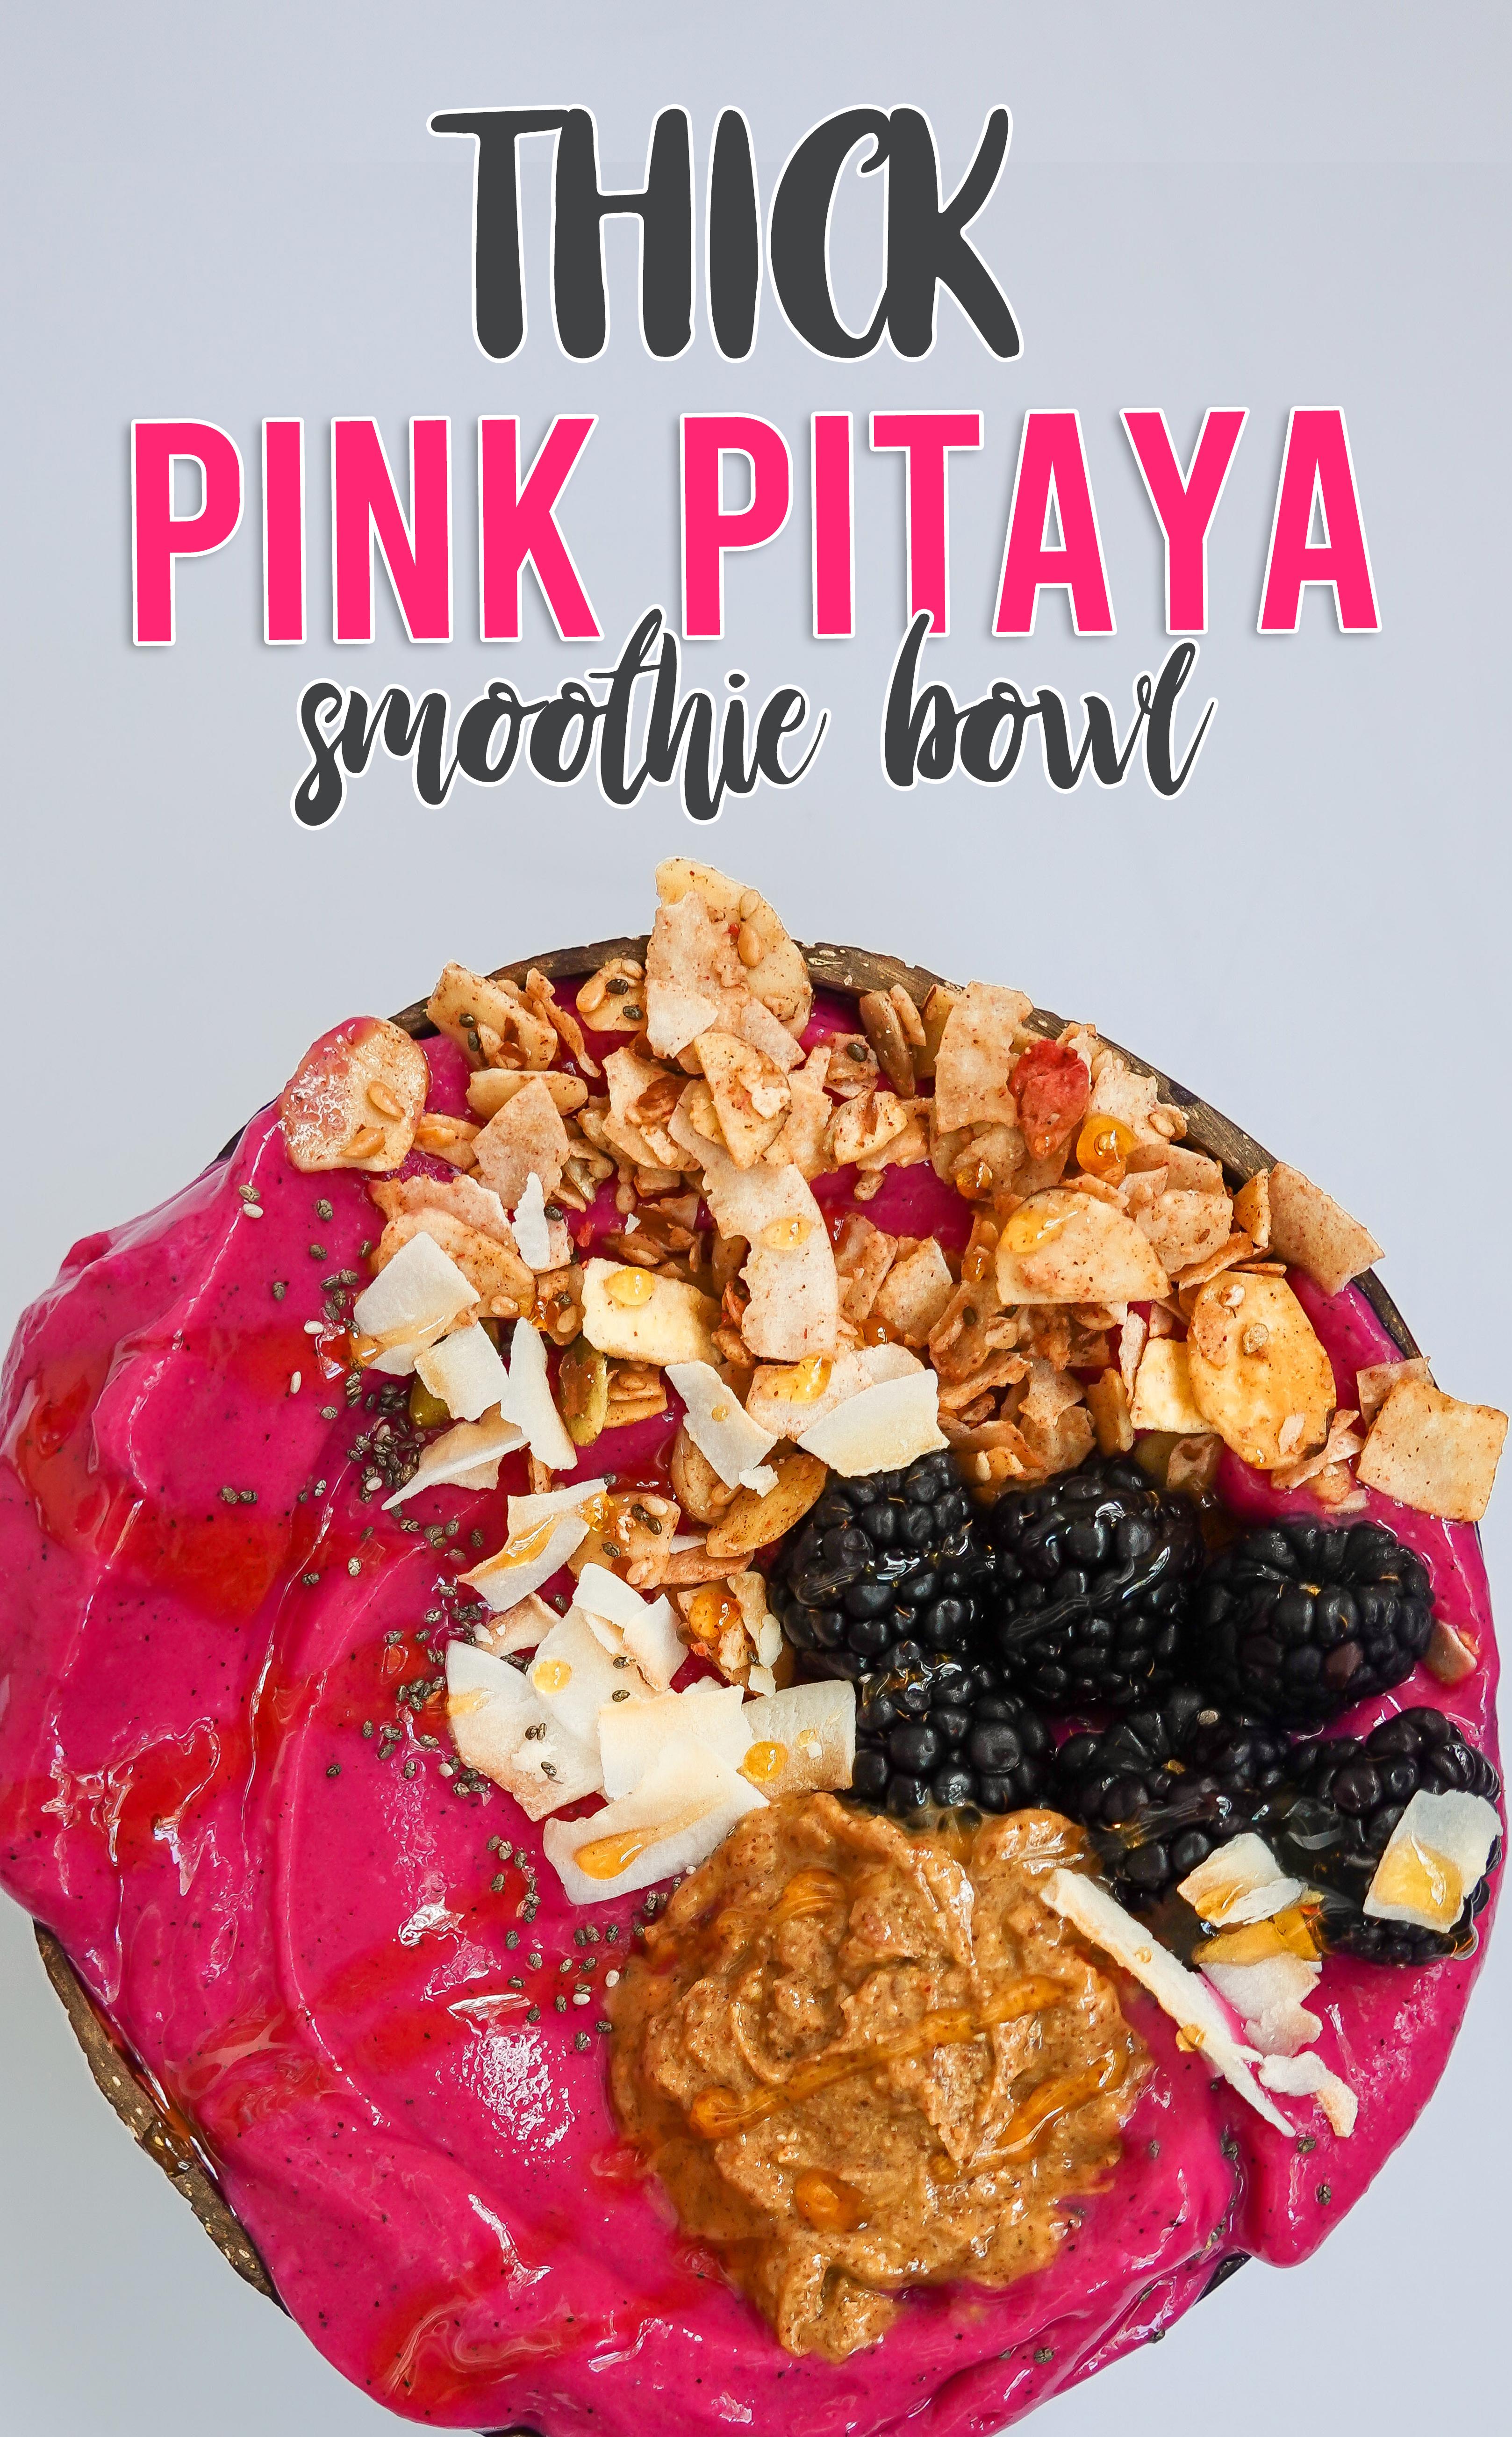 Pink Pitaya Smoothie Bowl Recipe